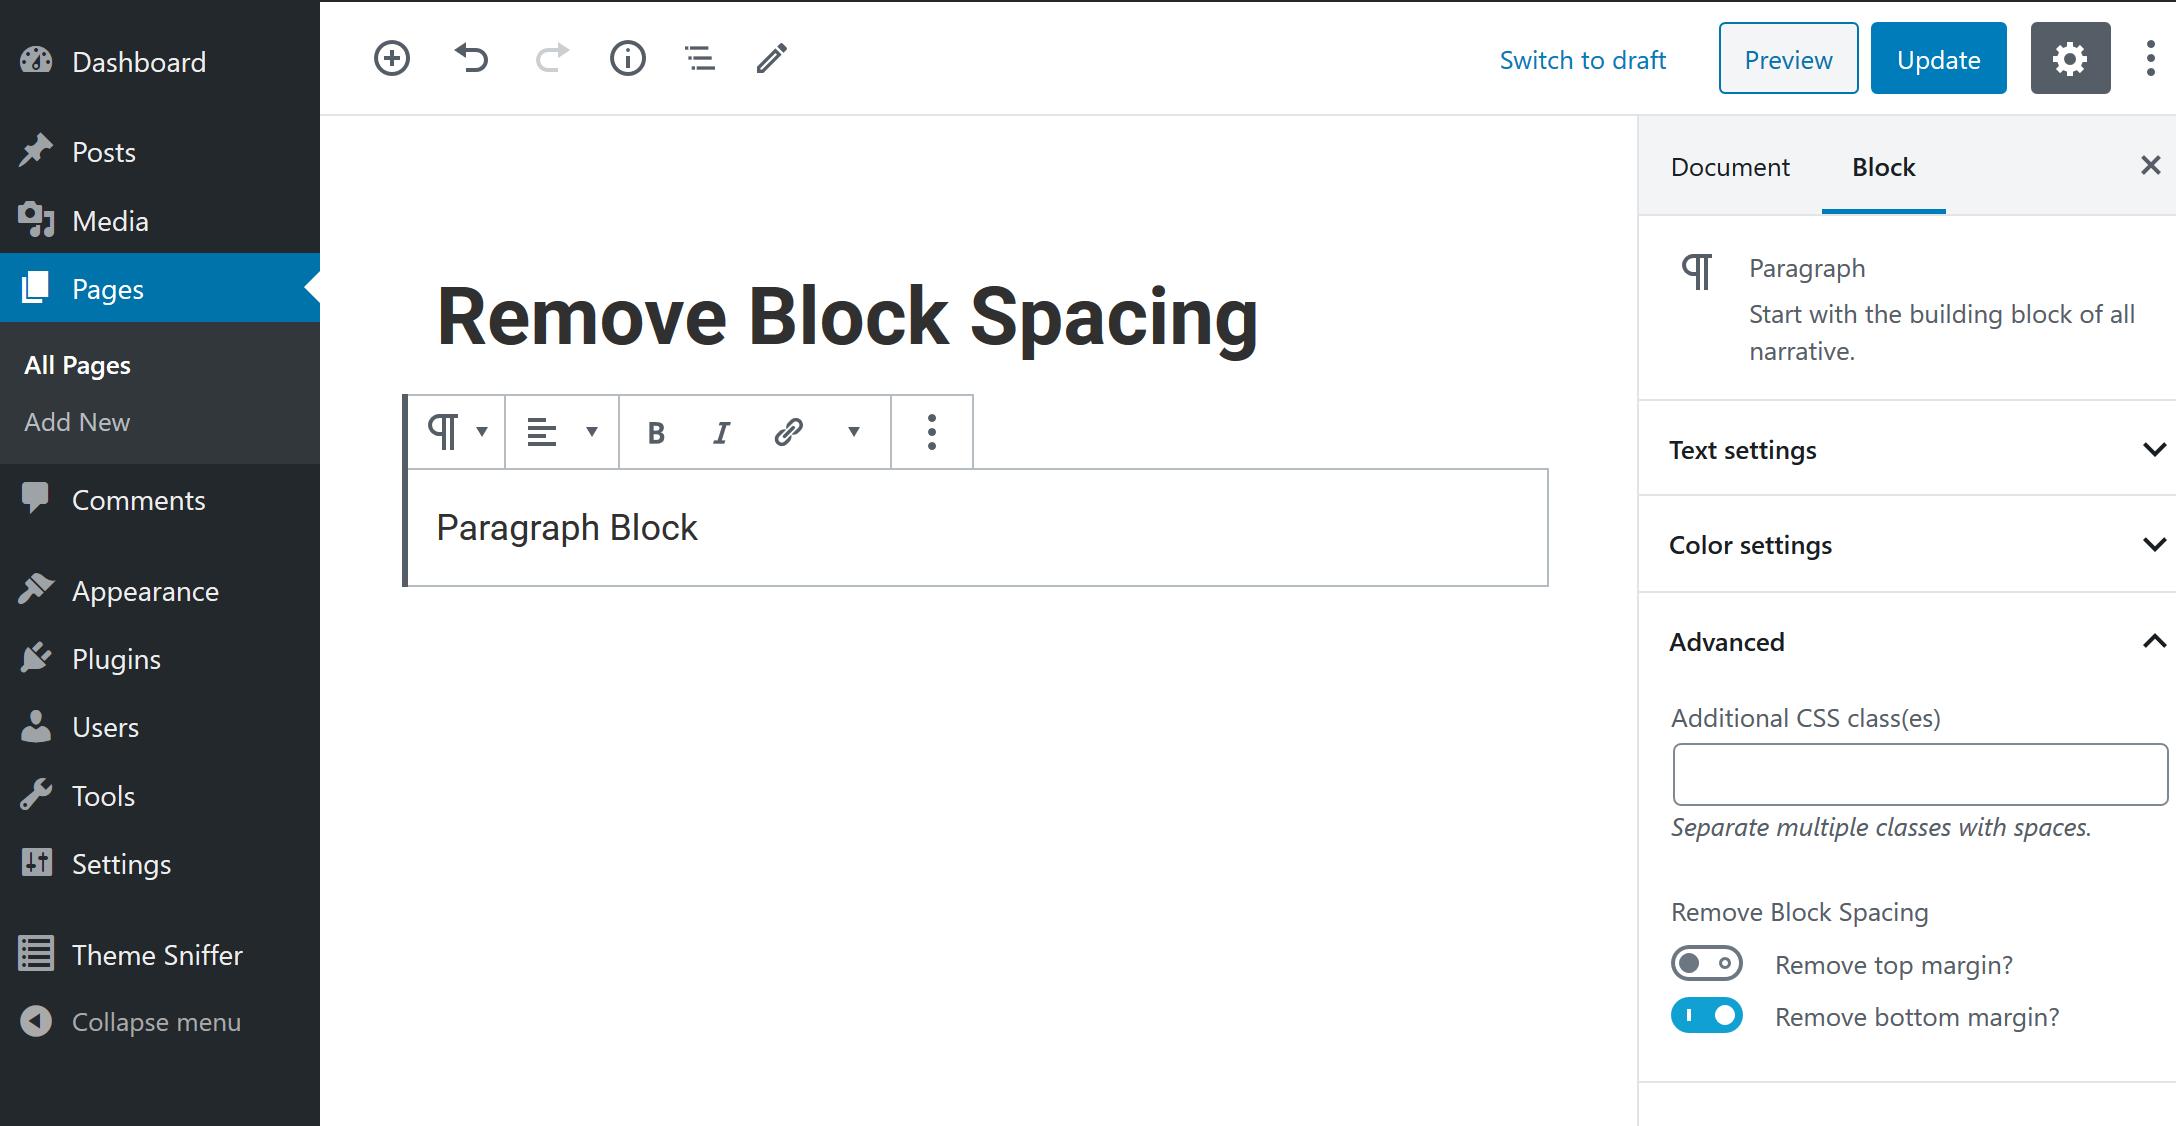 Remove Block Spacing settings1. Plugin Settings